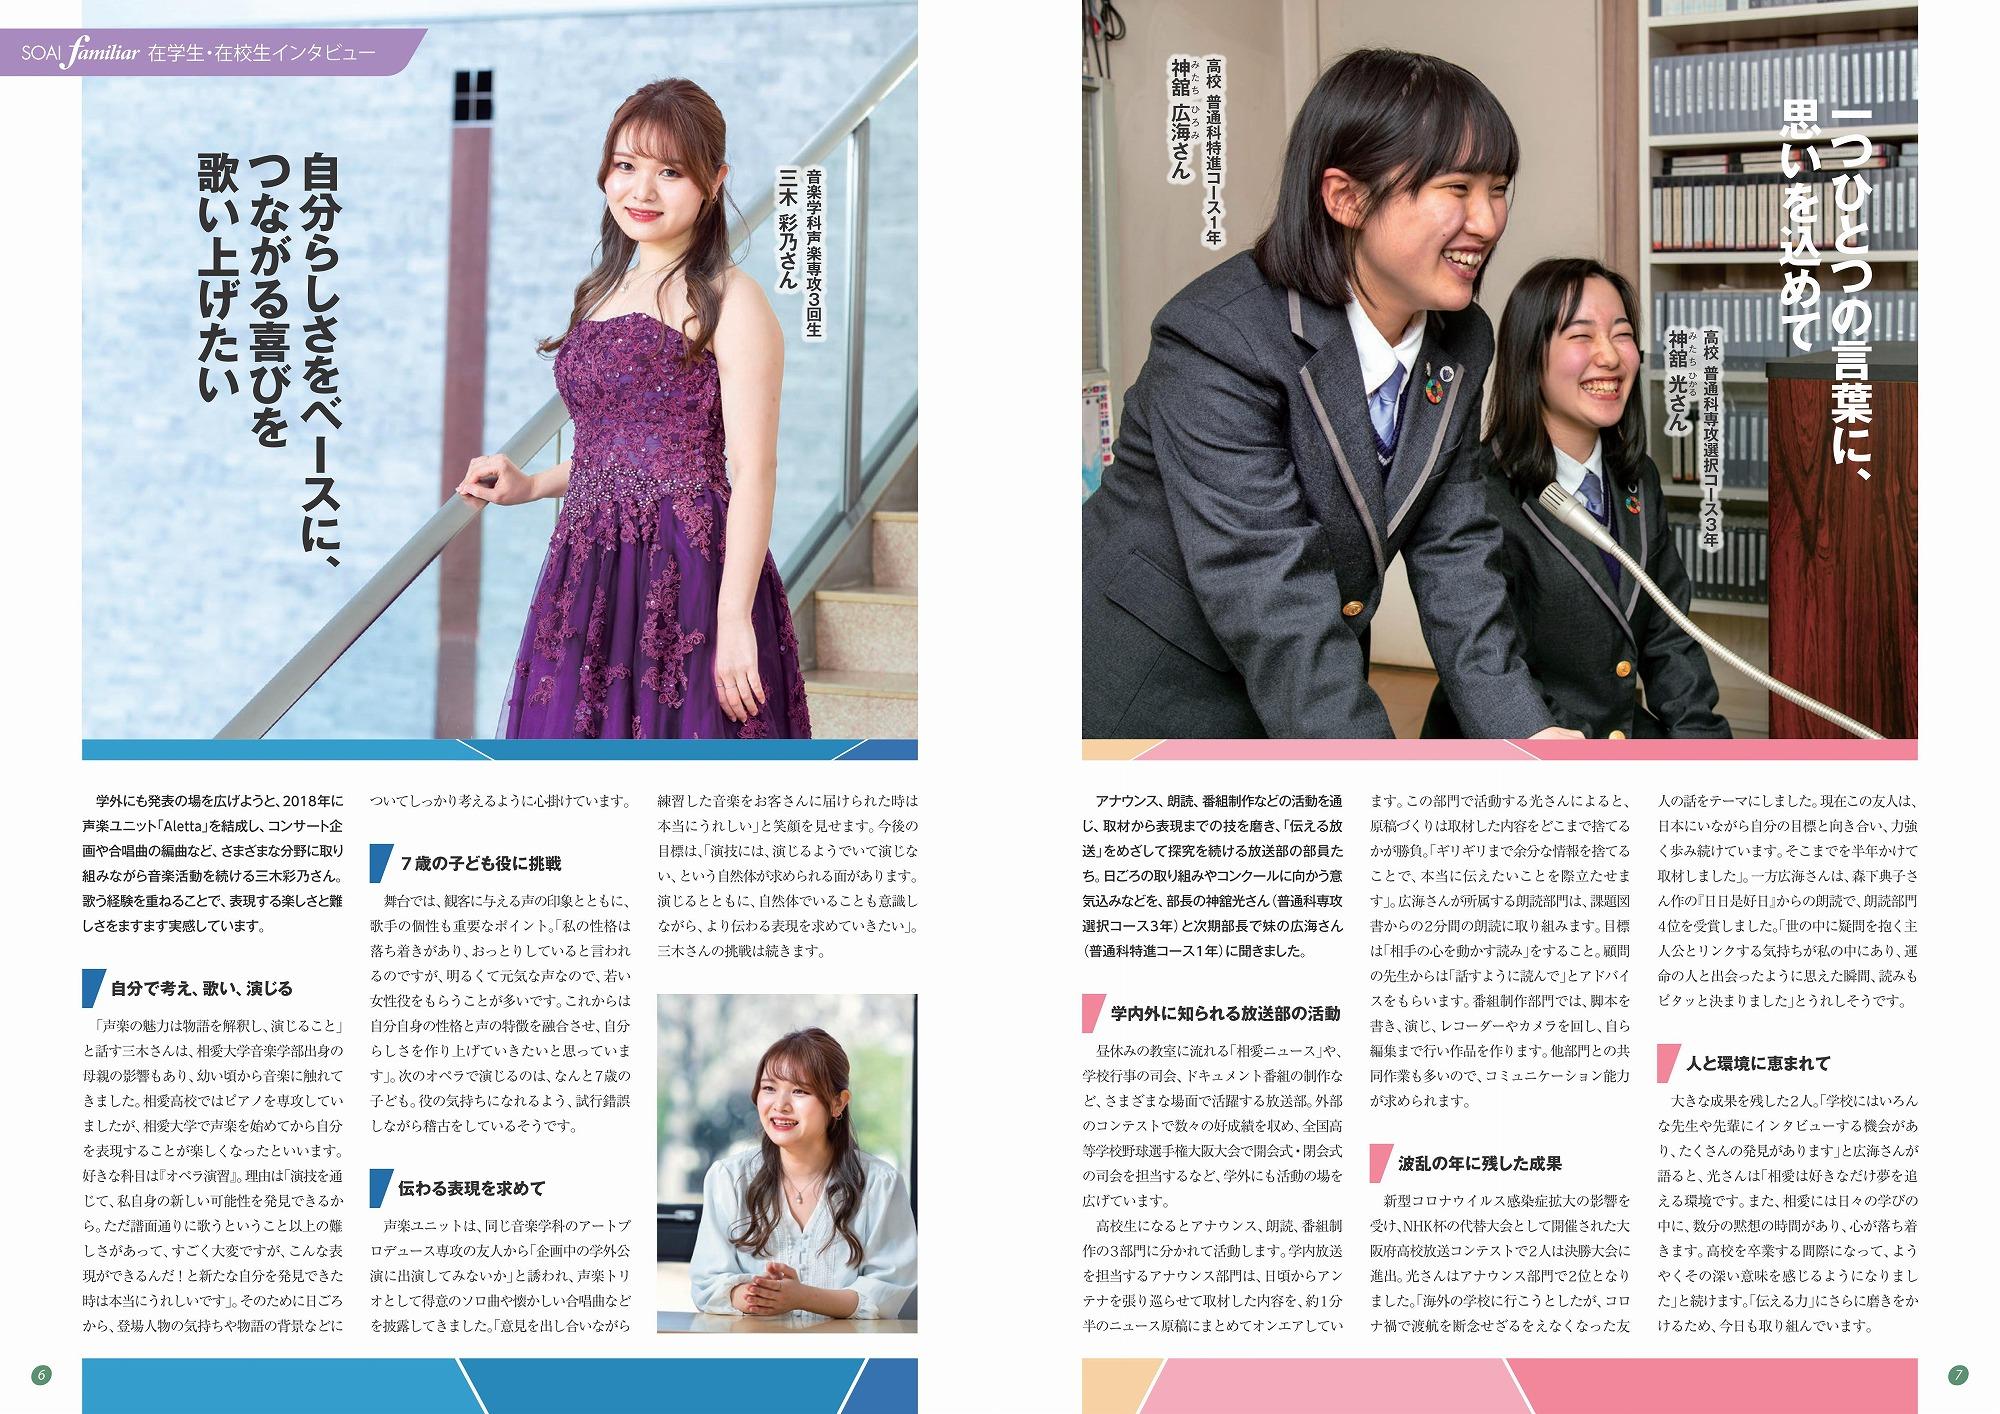 https://www.soai.ac.jp/information/news/2021_soaifamiliar_03.jpg